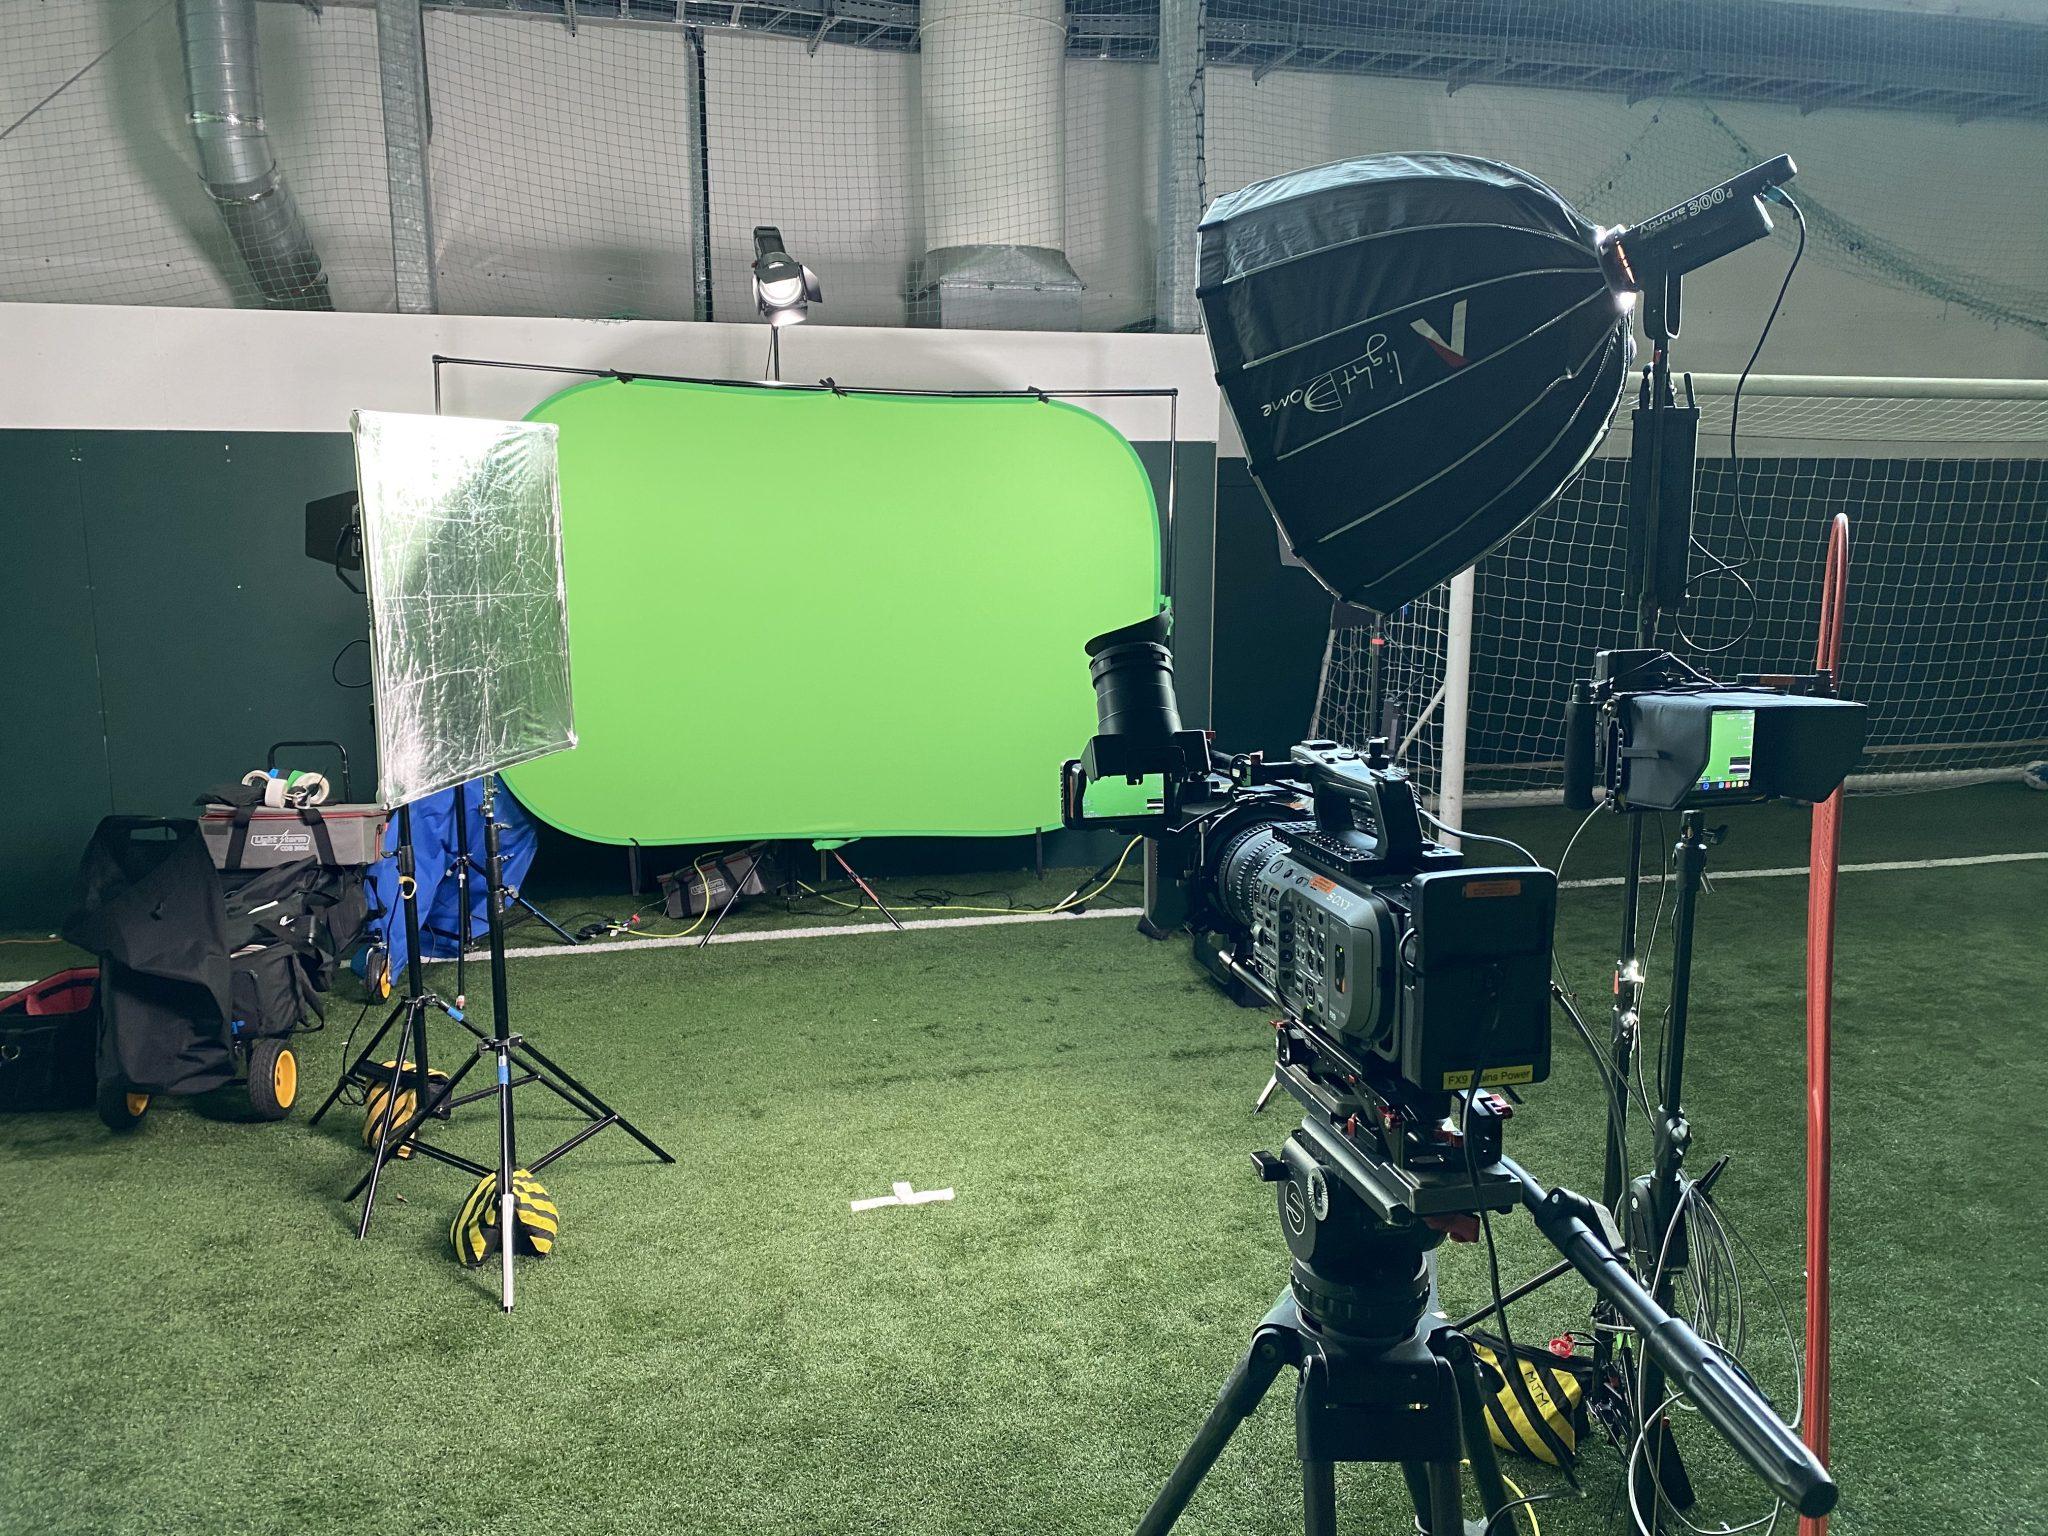 Football! Green screen